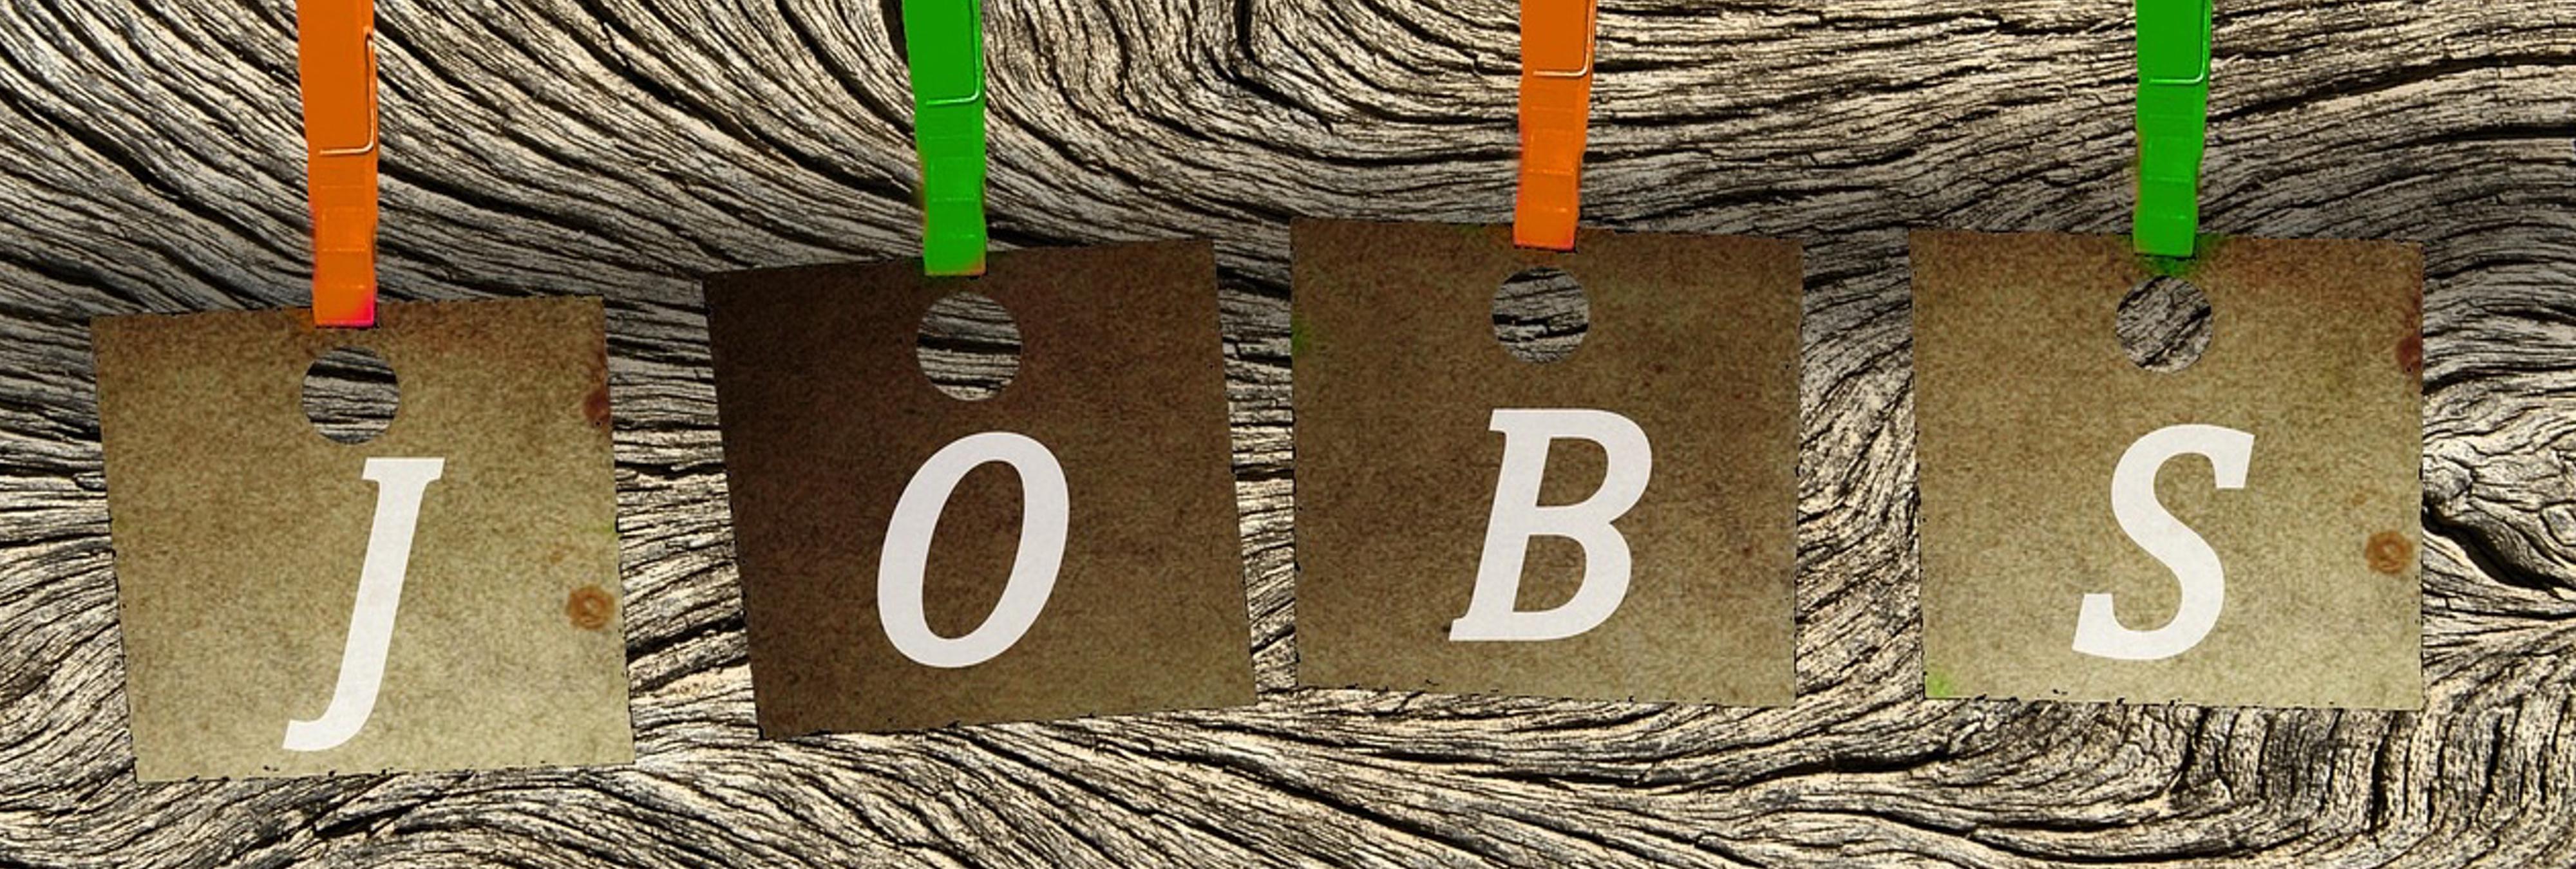 El colmo de las ofertas de empleo engañosas: 'azafata' como sinónimo de 'prostituta'